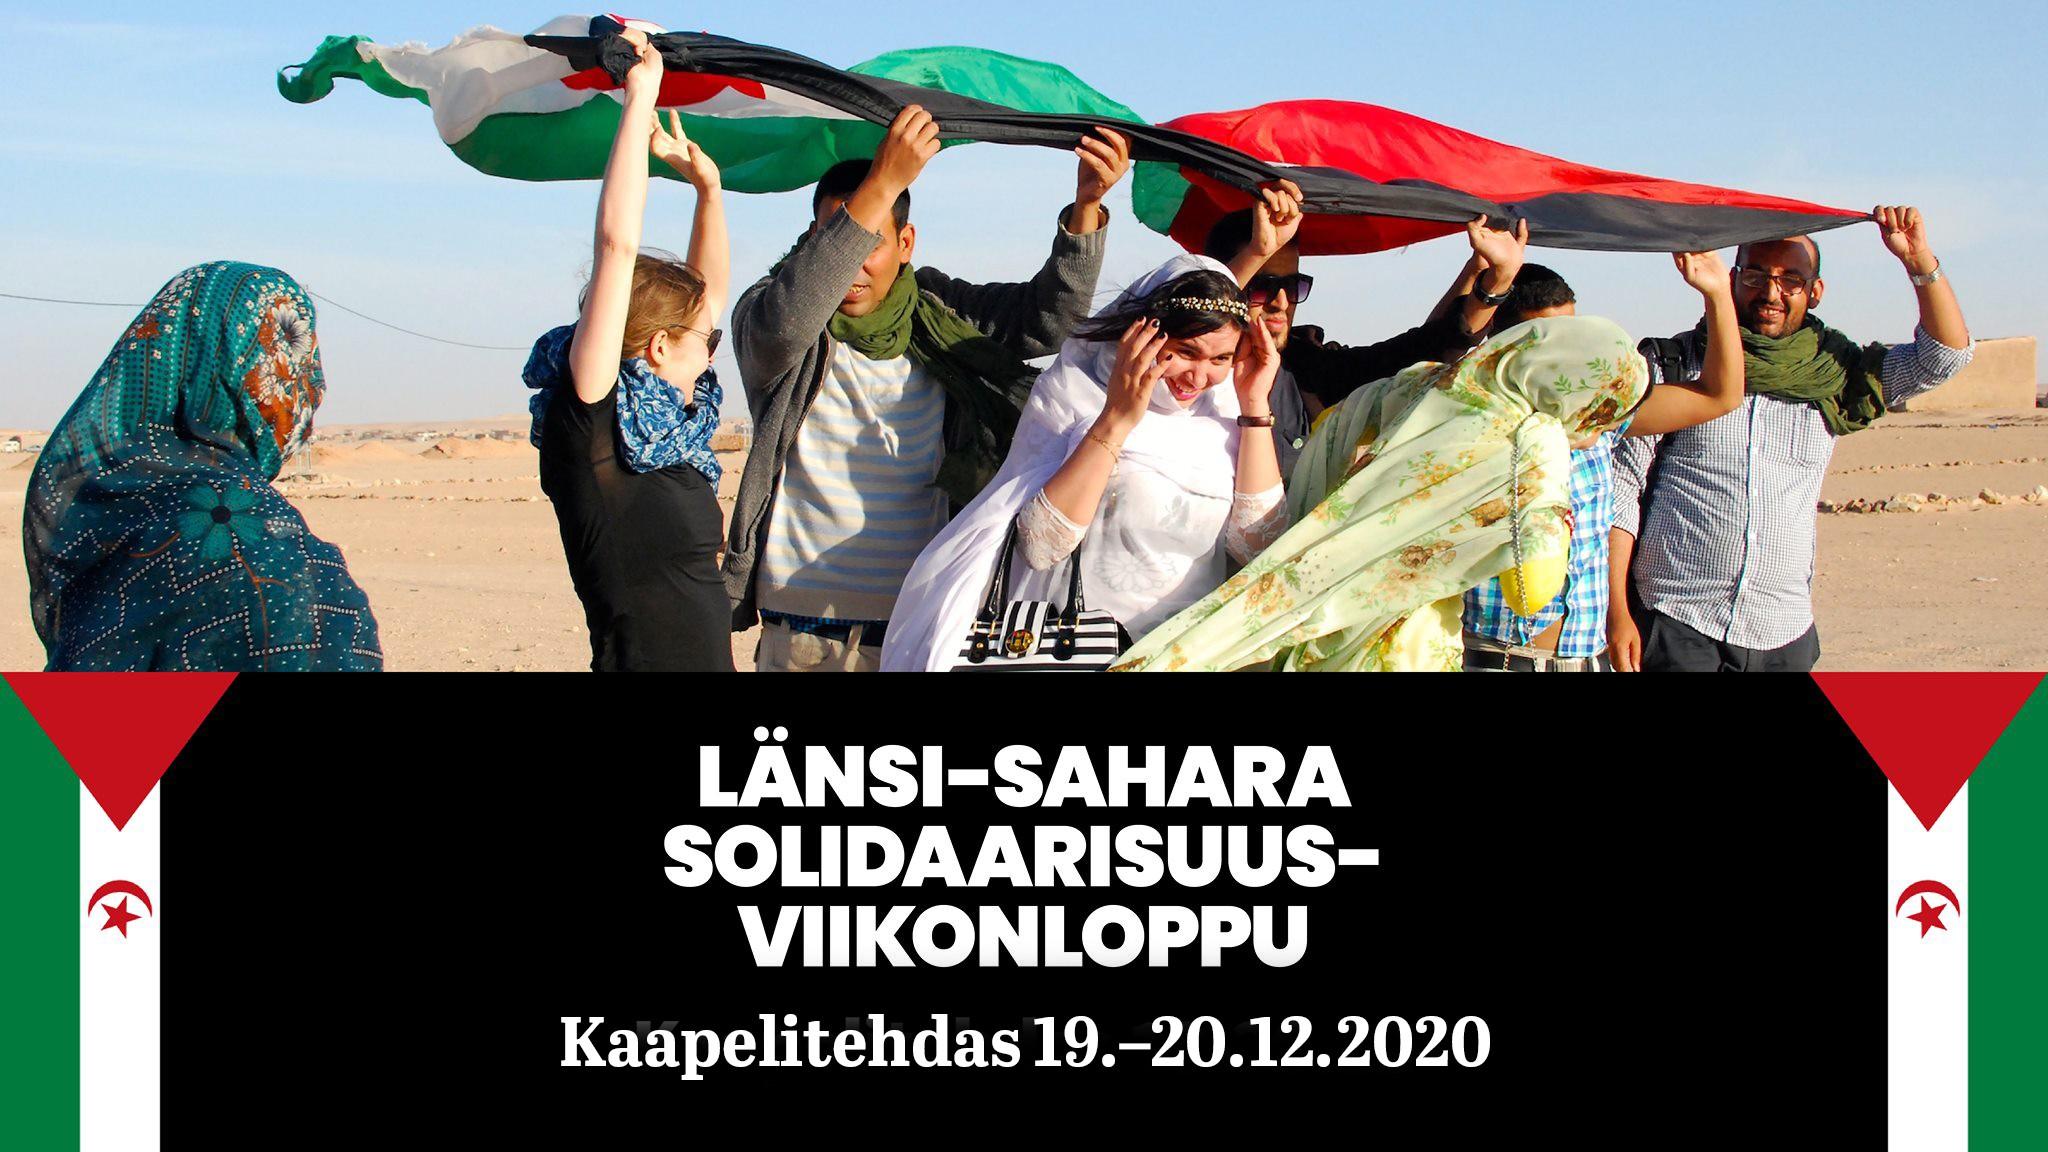 Länsi-Sahara-solidaarisuusviikonloppu, Helsinki